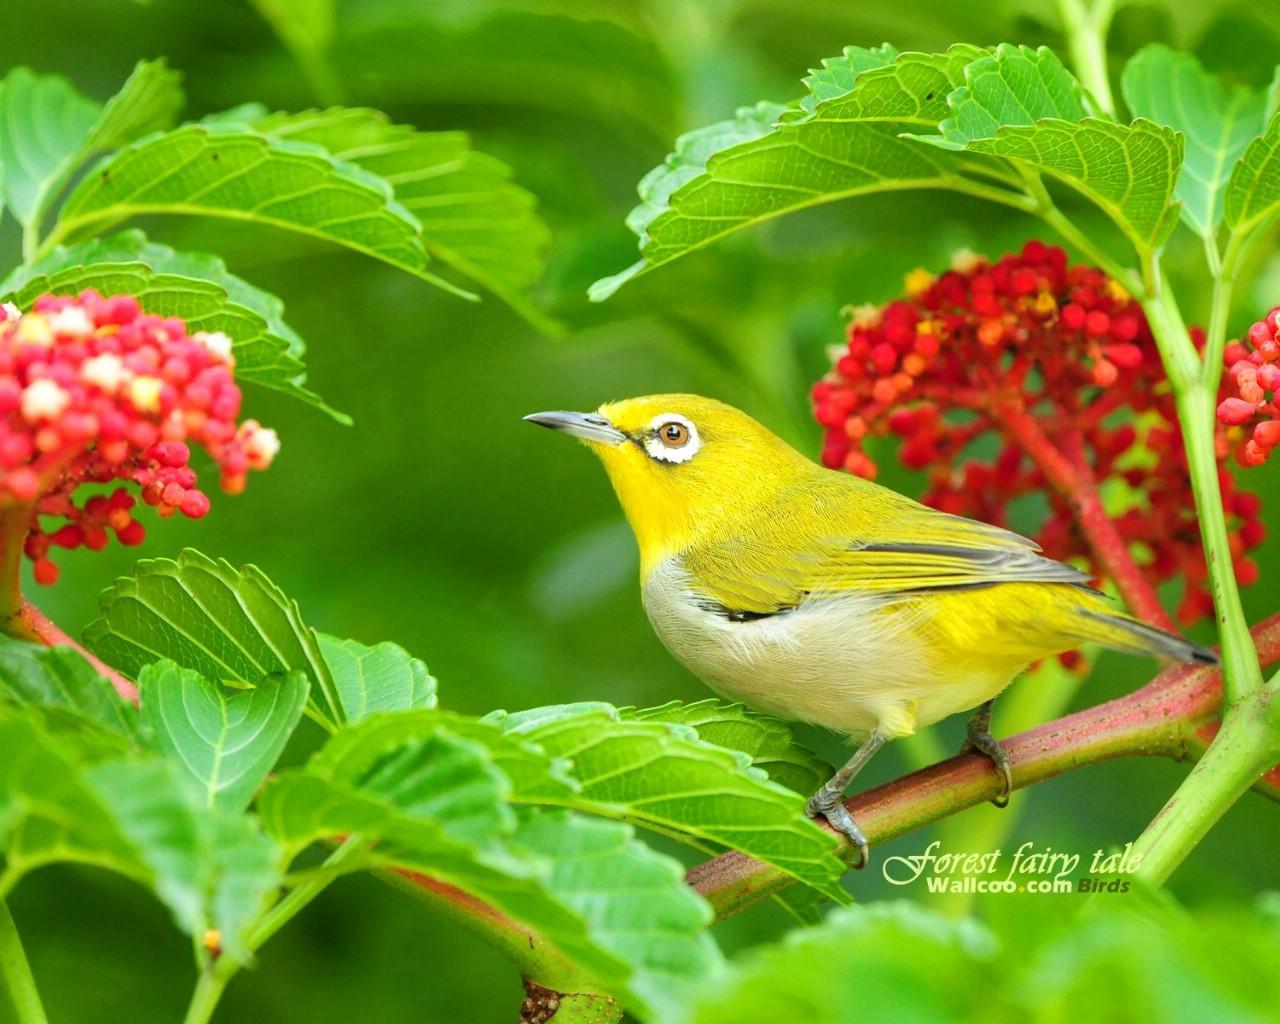 壁纸/树林里的小精灵 春天可爱小鸟壁纸 如画般的小鸟艳丽小鸟图片...